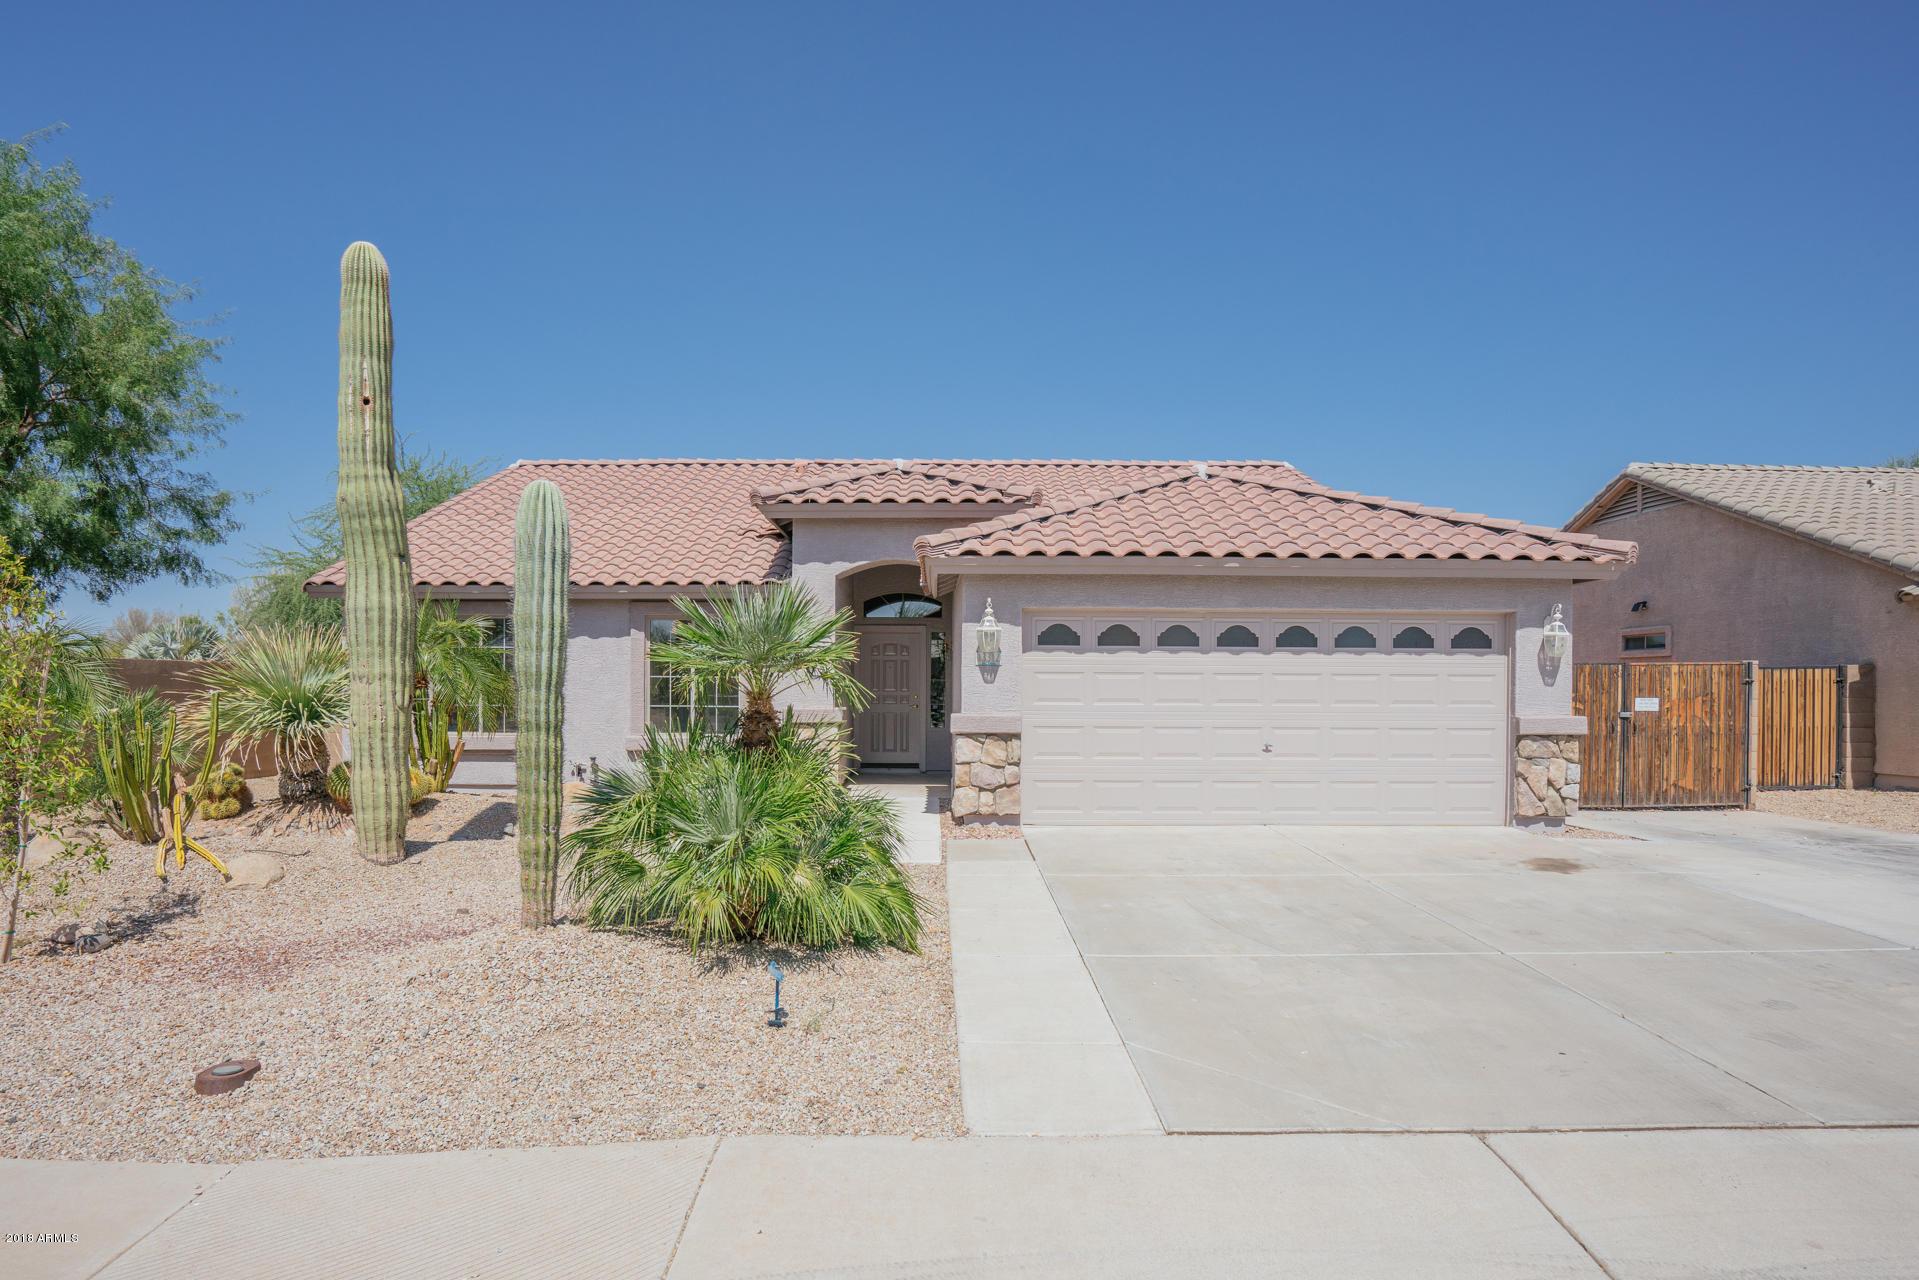 13312 W DESERT ROCK DRIVE, SURPRISE, AZ 85374